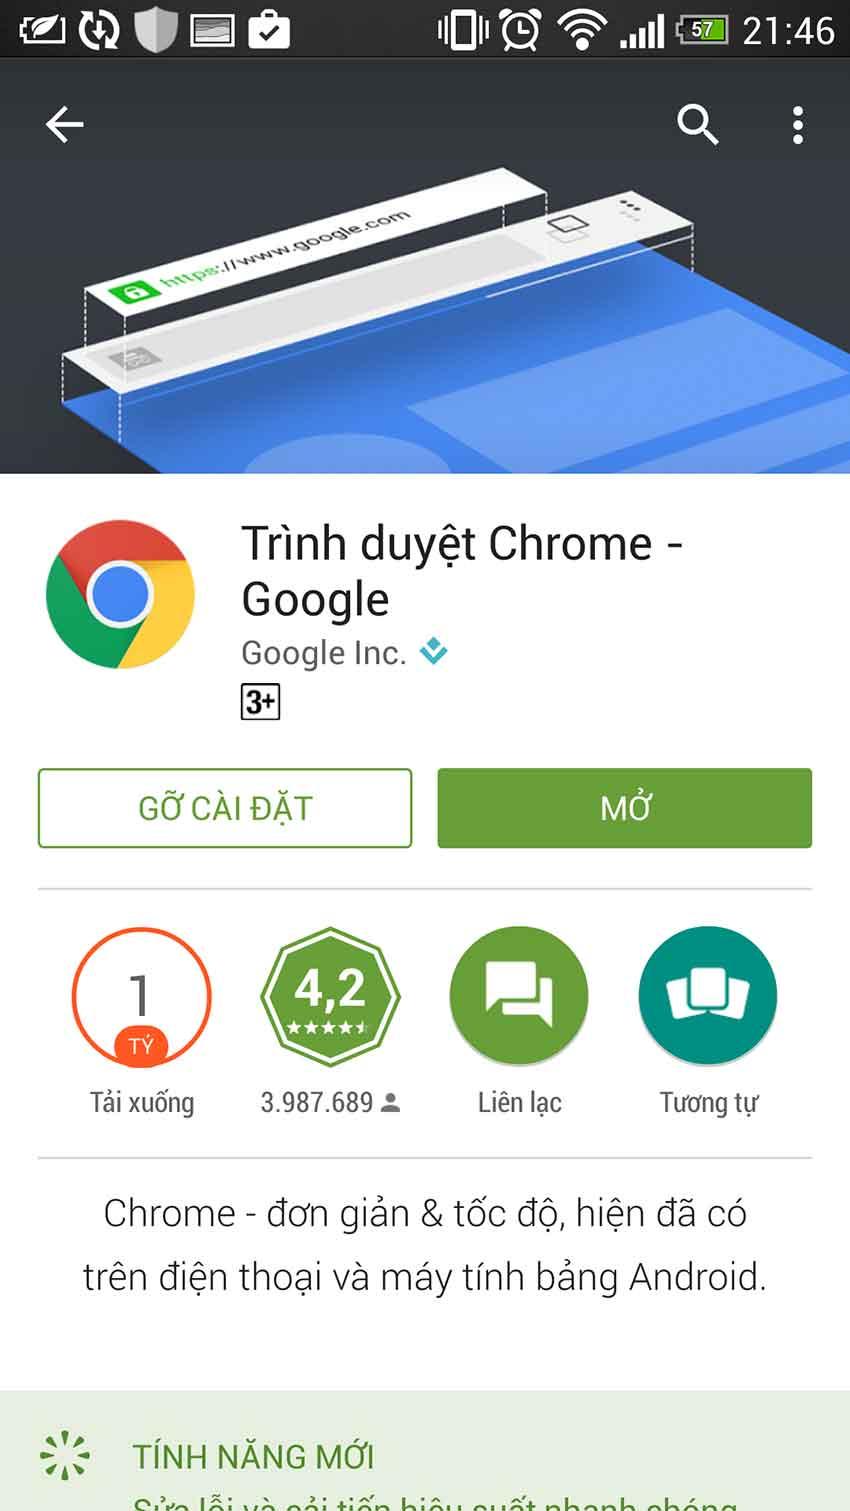 Hoàn tất cài đặt Chrome trên di động